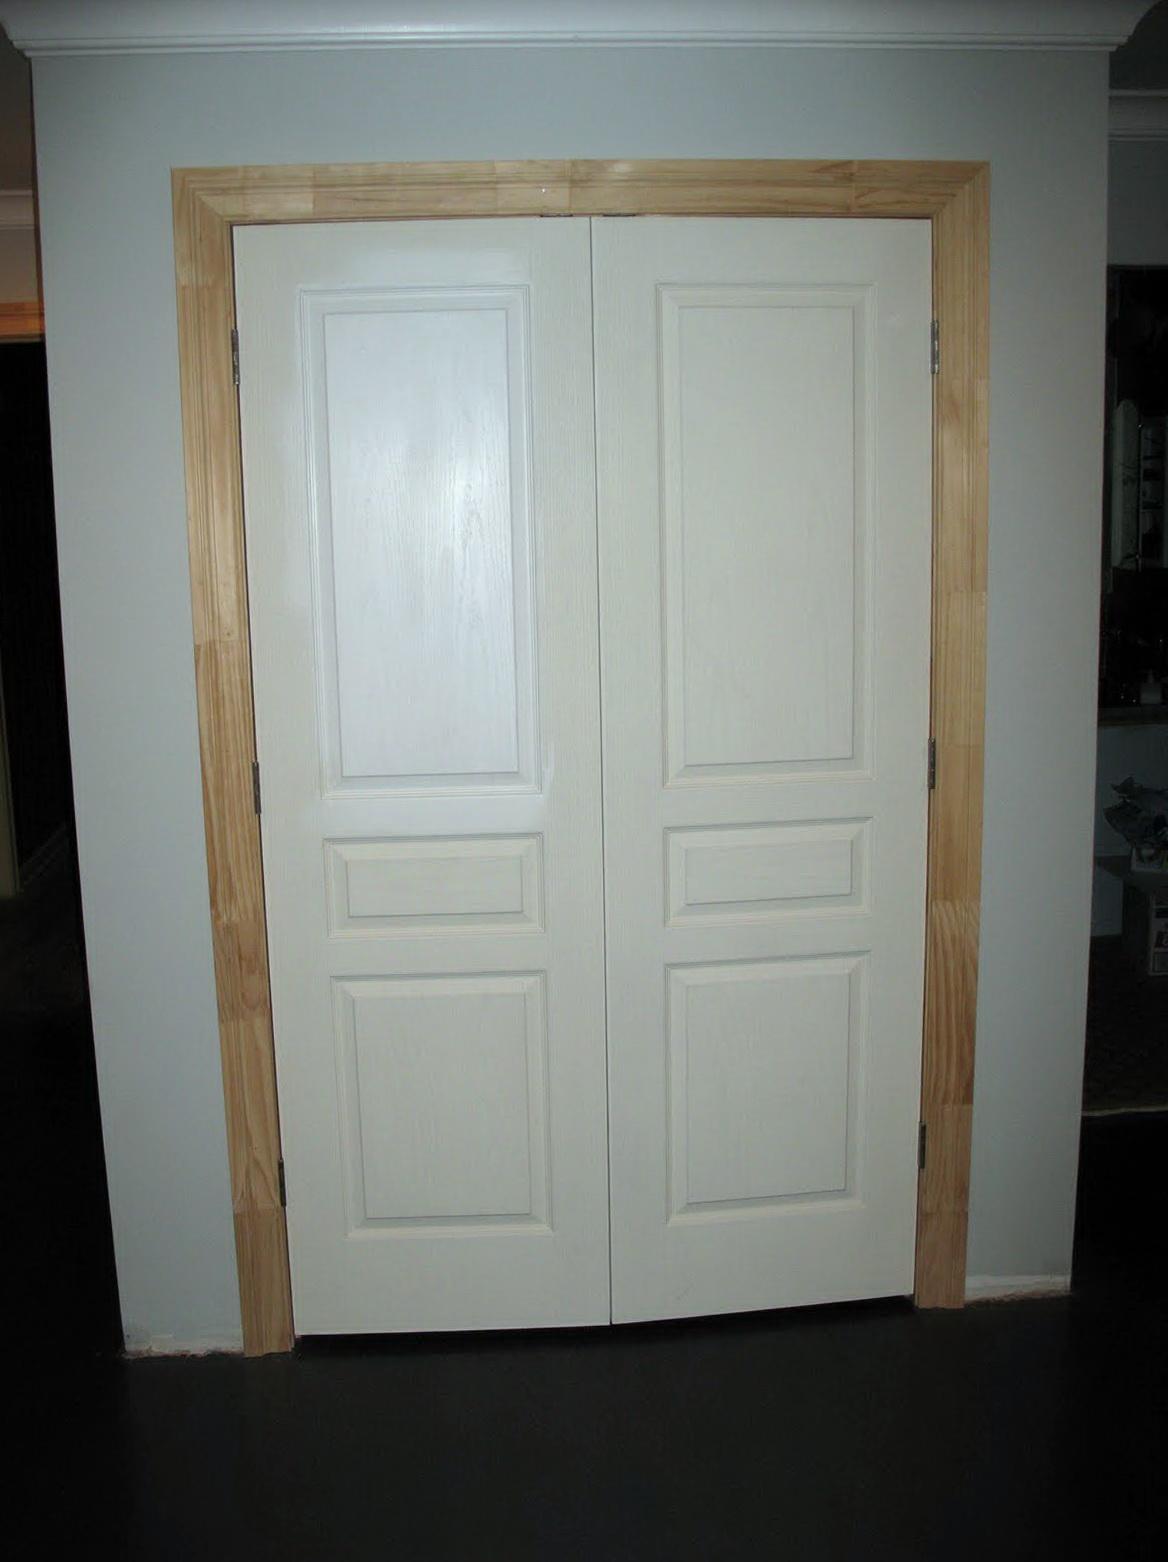 Bedroom Closet Door Alternatives